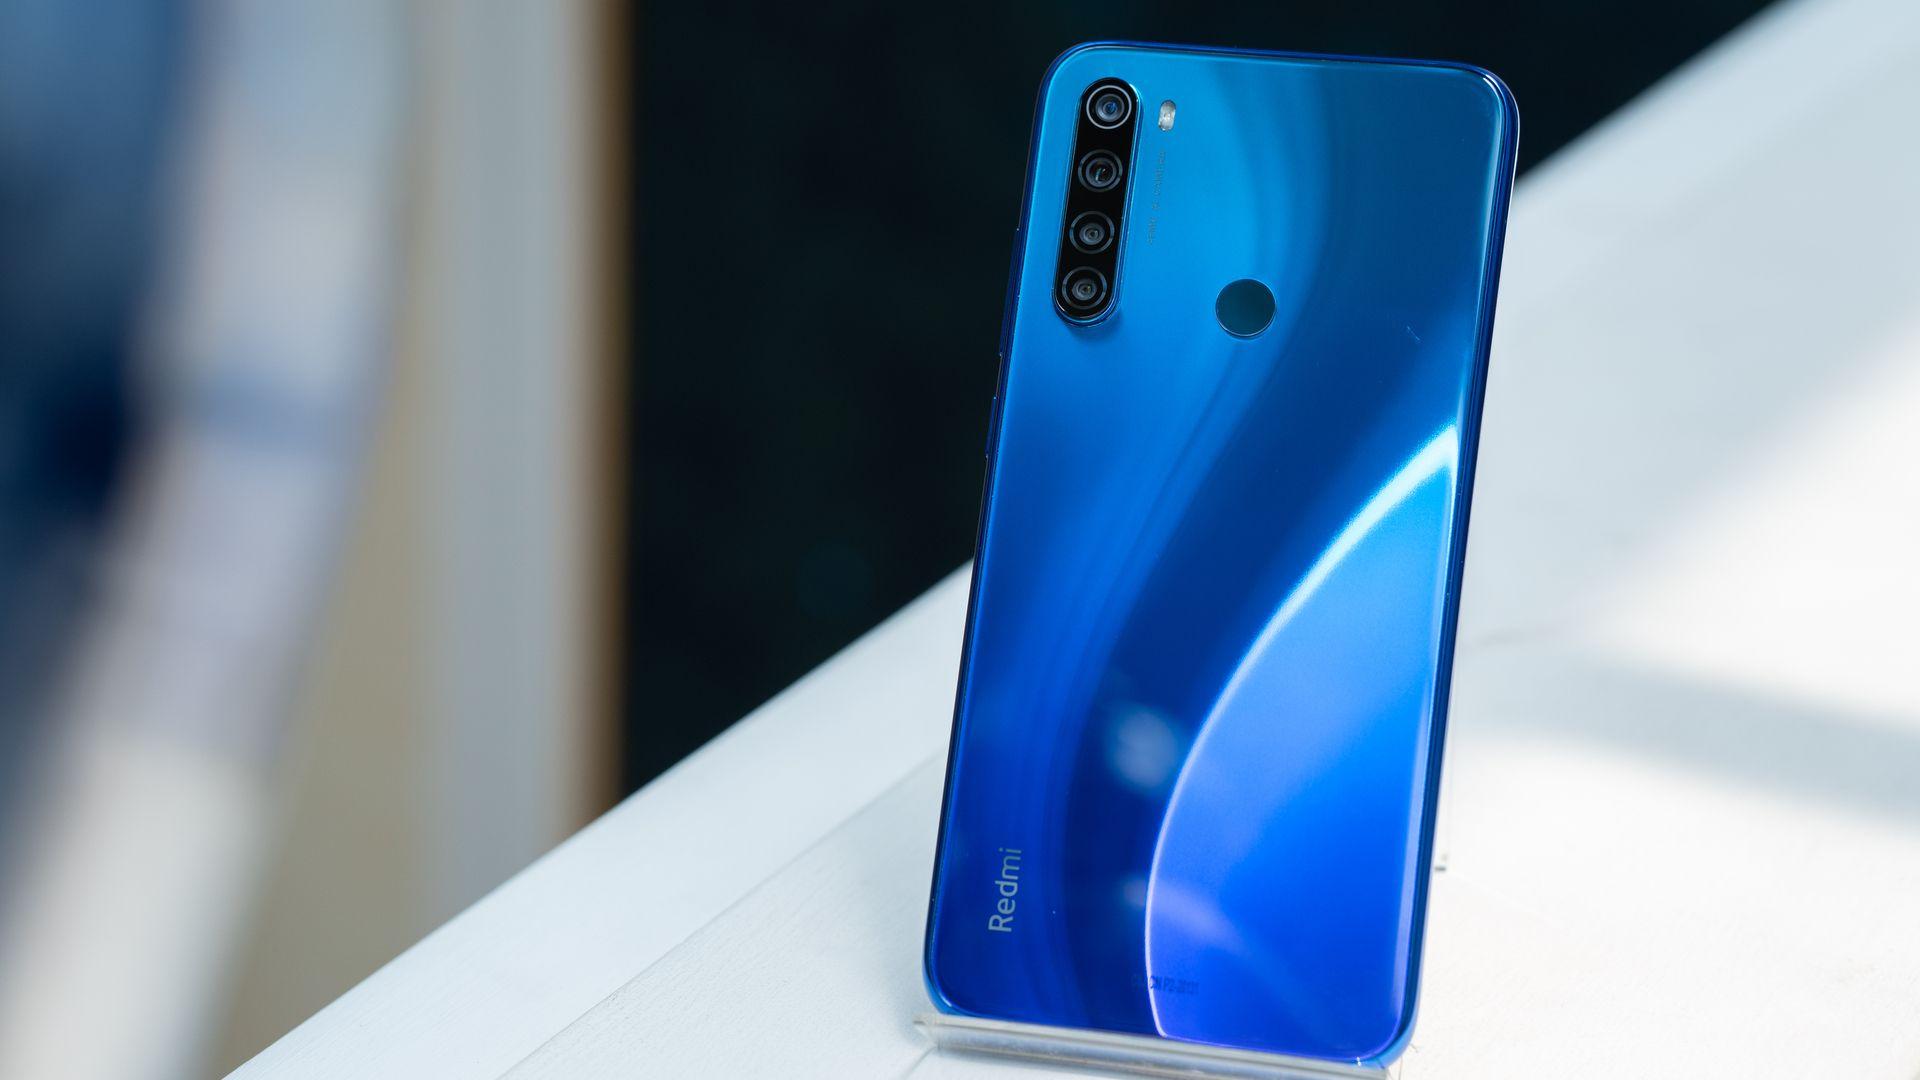 Novo celular da Xiaomi pode trazer câmera quádrupla traseria [na foto, o Redmi Note 8]. (Imagem: Lukmanazis/Shutterstock)